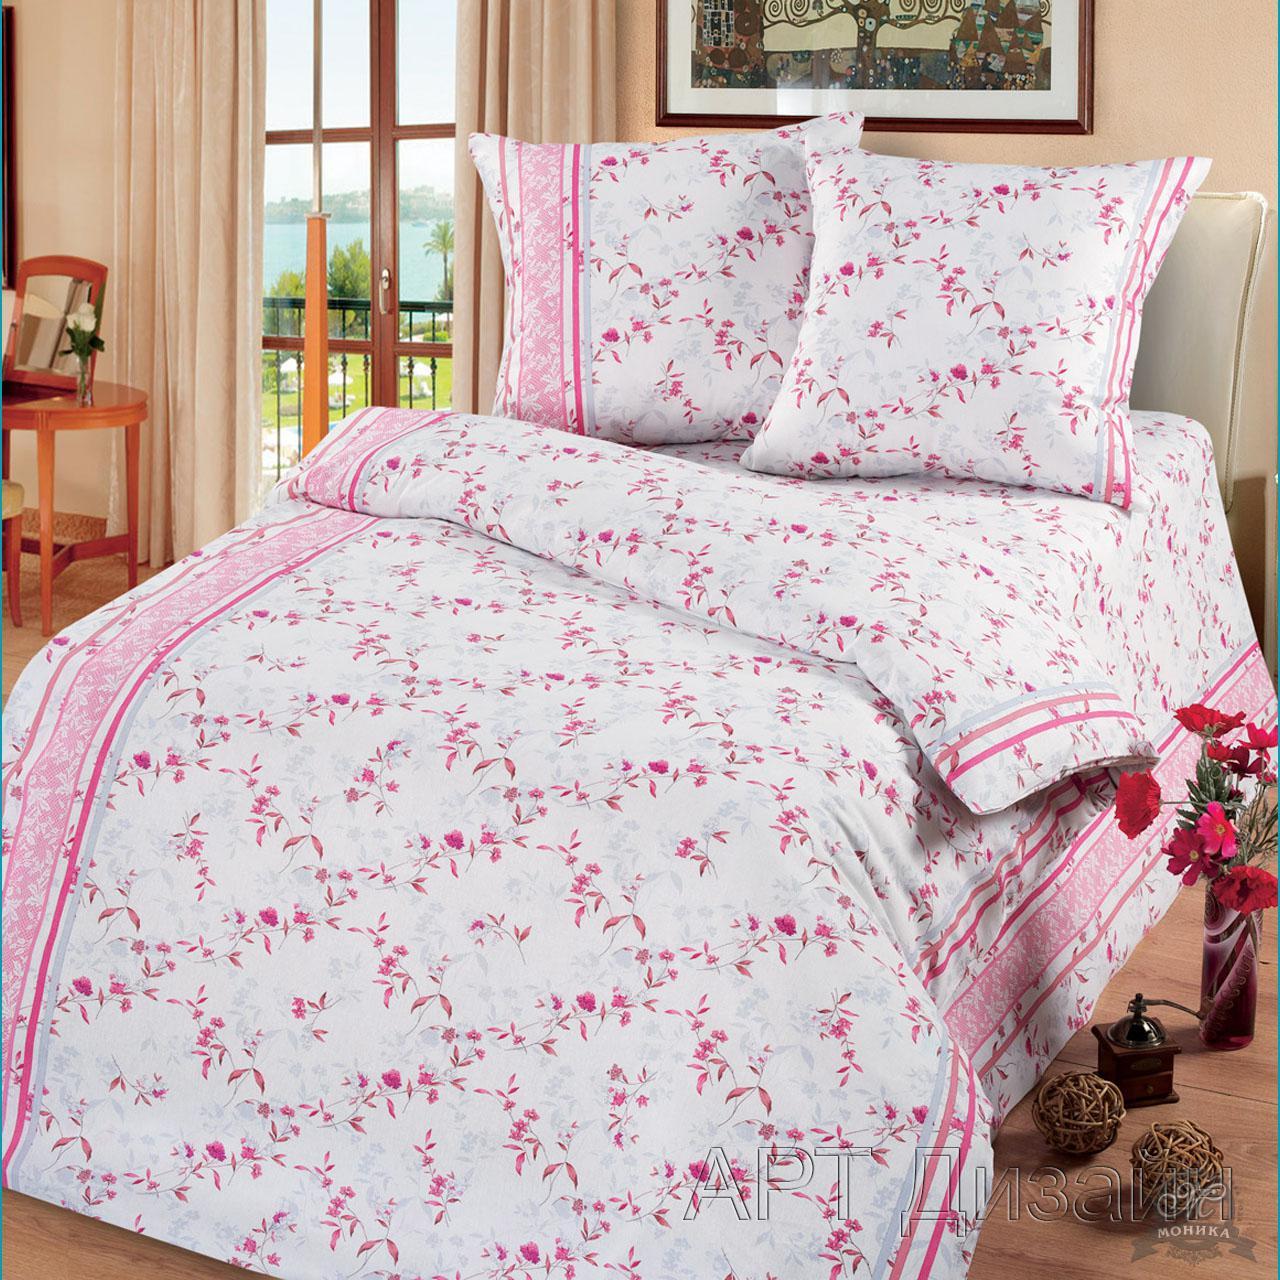 Комплект постельного белья Арина из бязиБязь<br><br><br>Размер: 1,5сп. (2 нав.70х70)